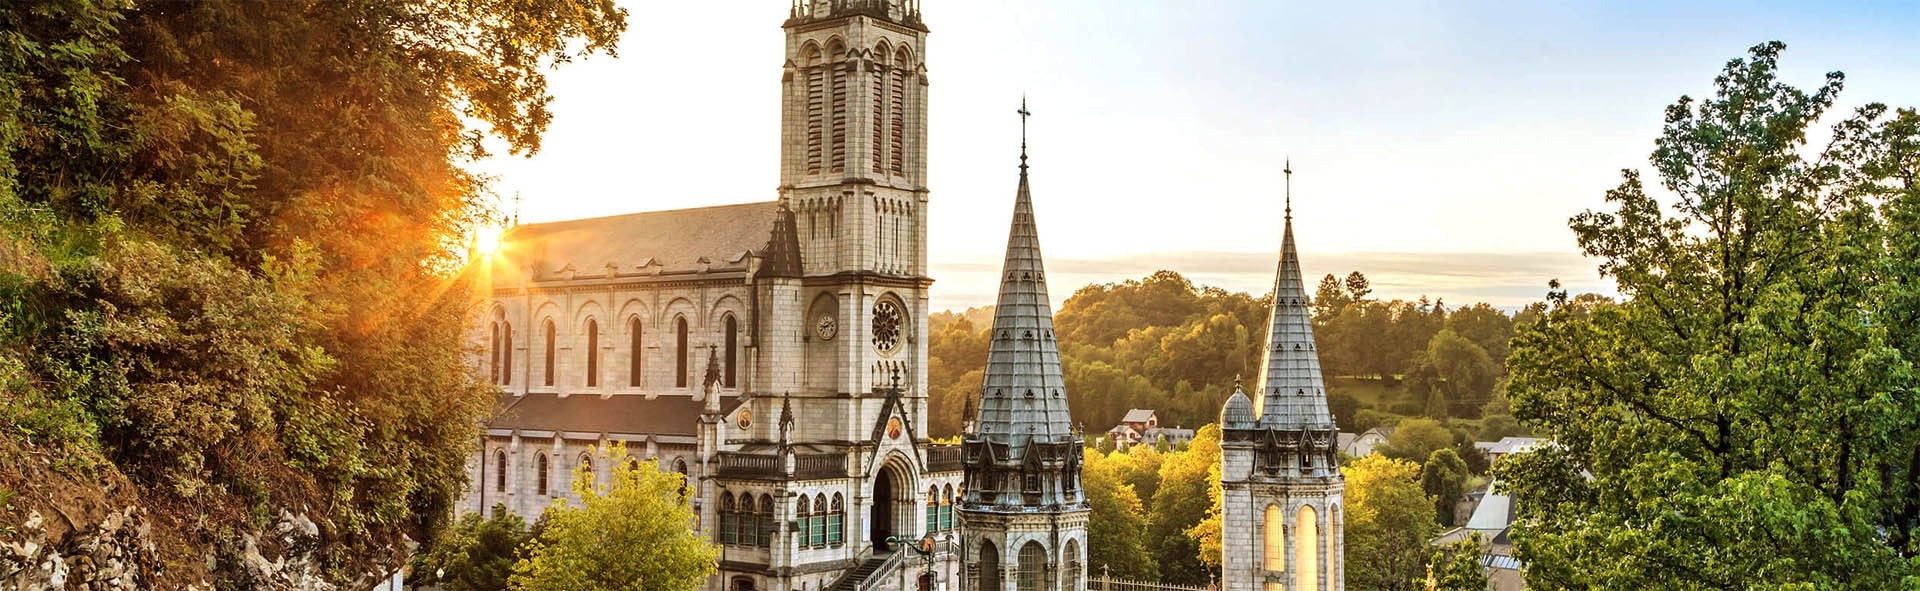 Viaggio a Lourdes in Aereo da Milano Inizio Settembre